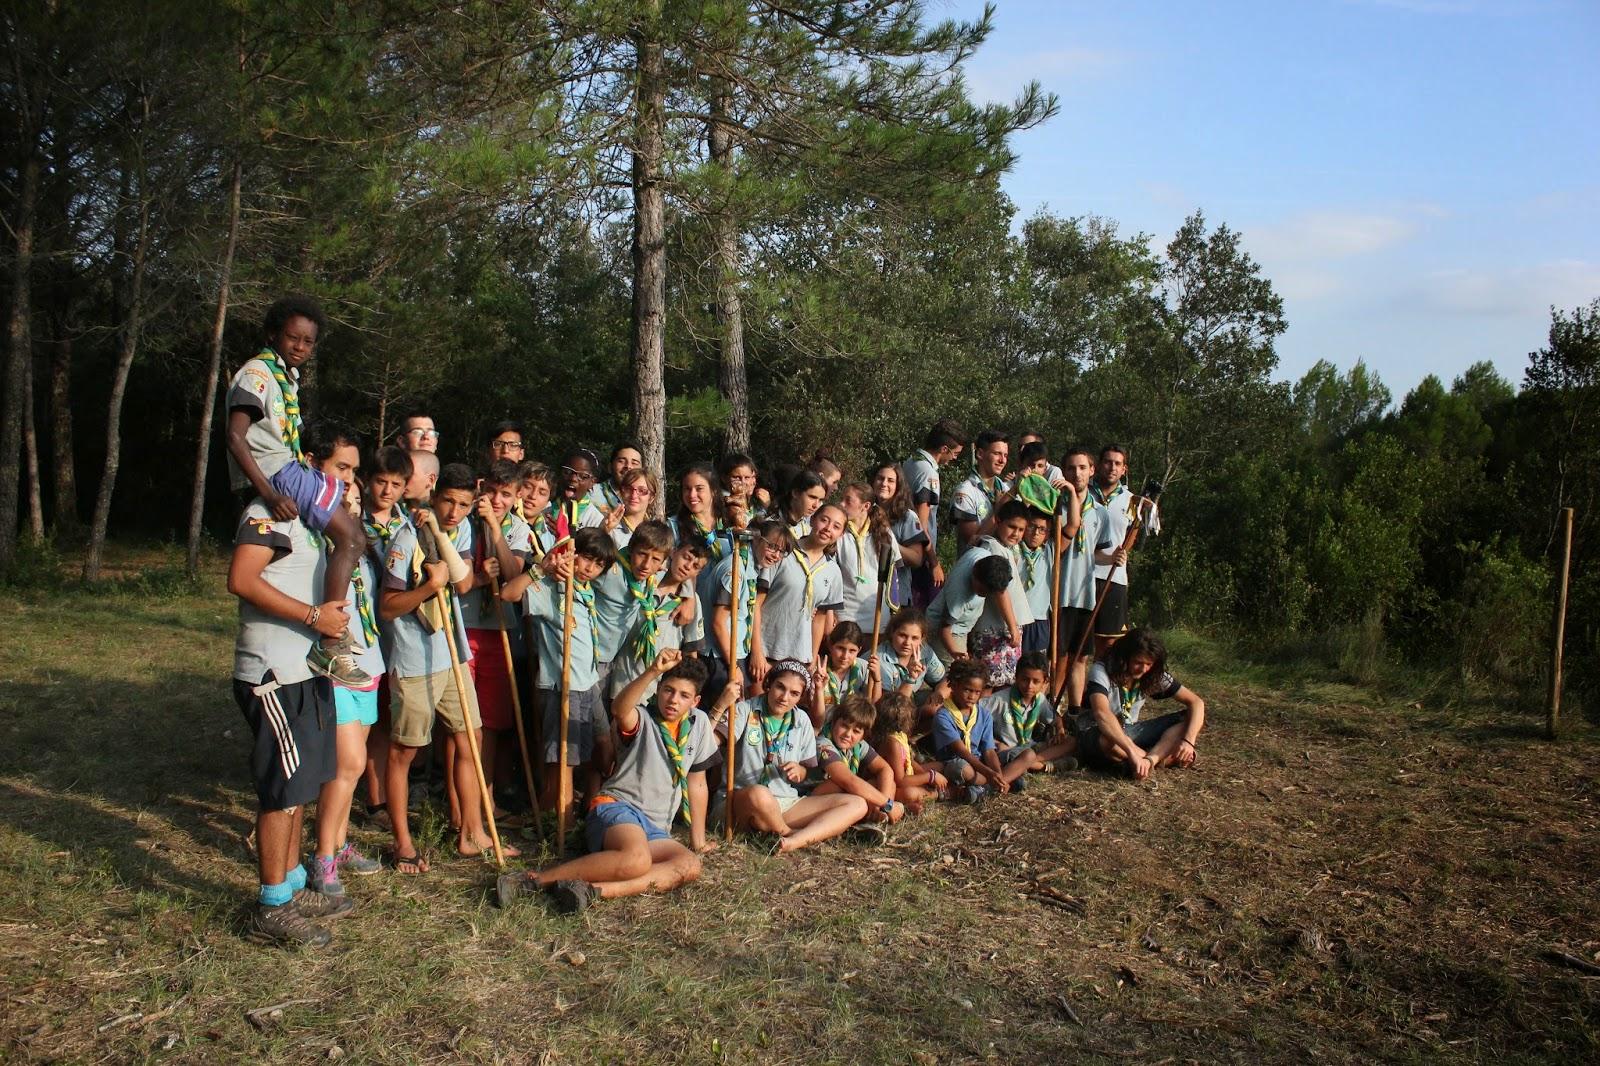 Campaments Estiu Cabanelles 2014 - IMG_0481.JPG